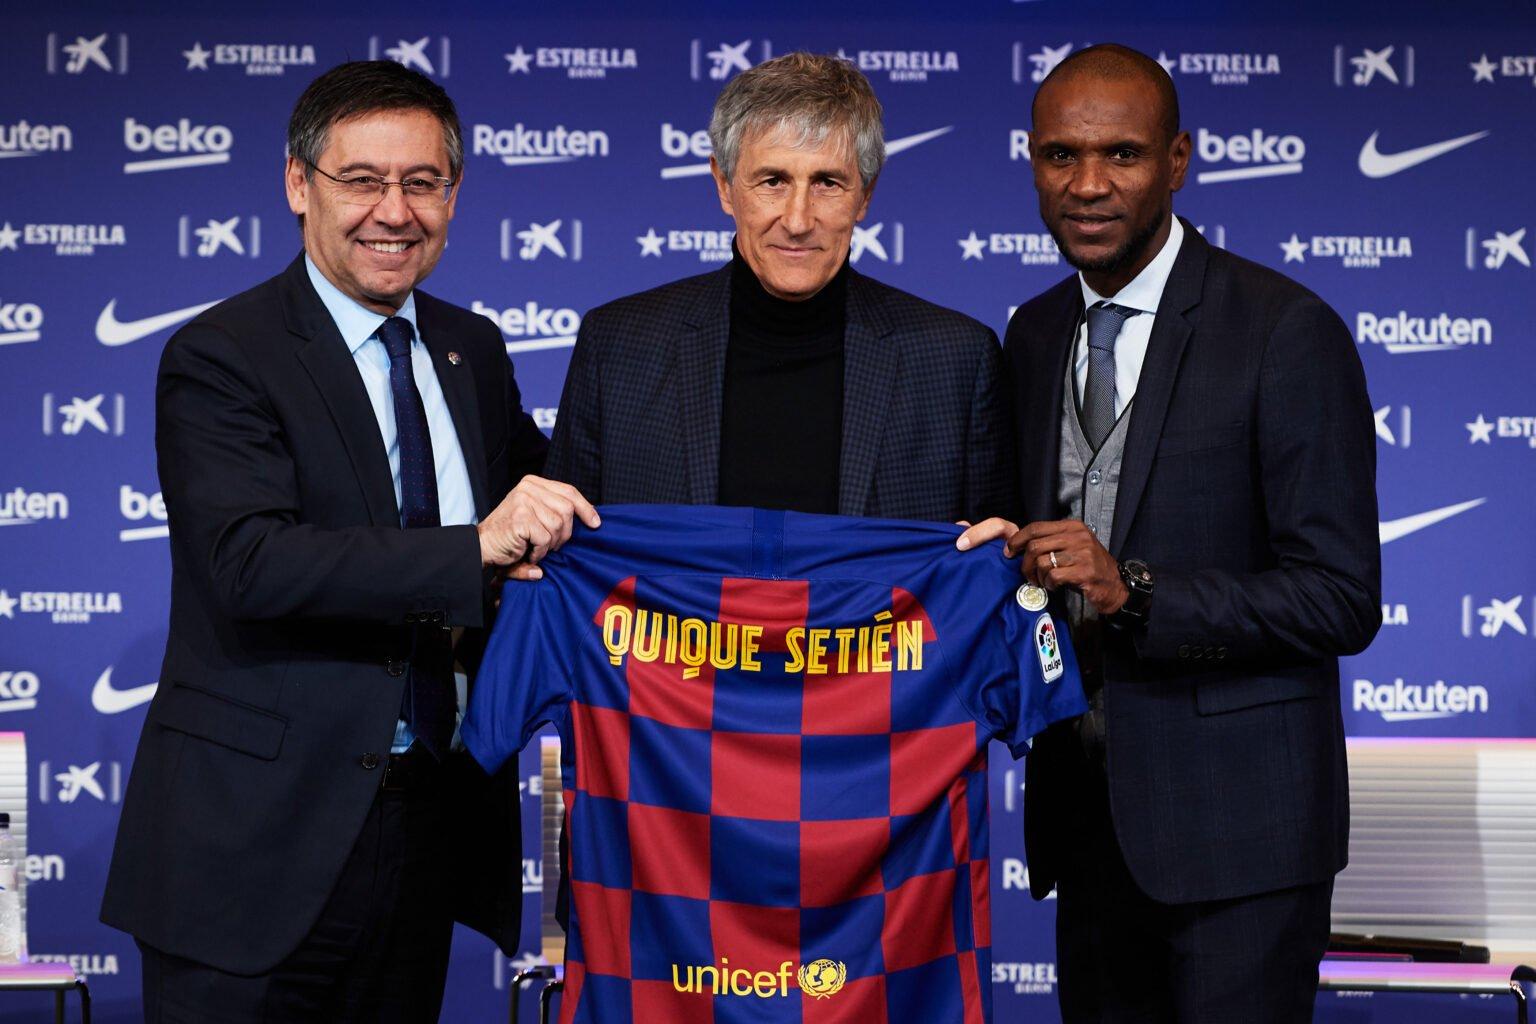 Khi được bổ nhiệm làm HLV Barcelona, Setien không biết mình mặc cái áo quá lớn